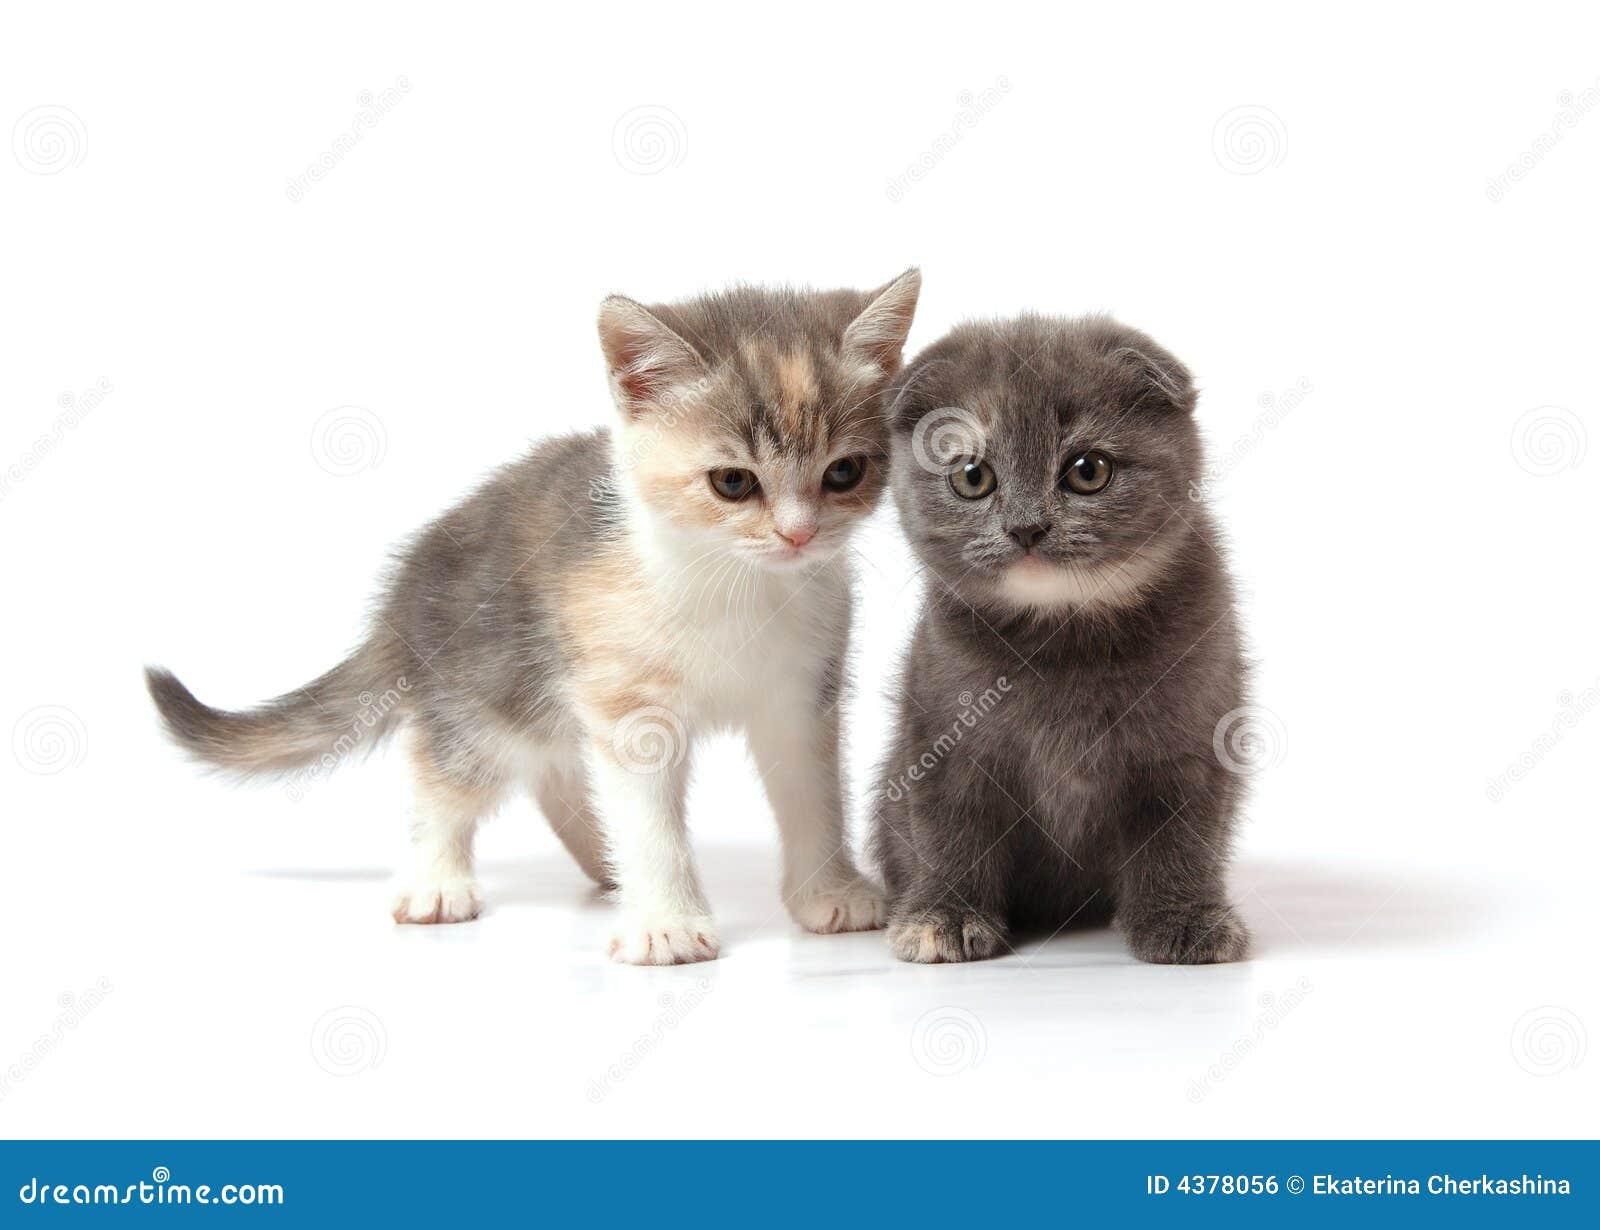 Kitten Clip Art Two little kittens sto...